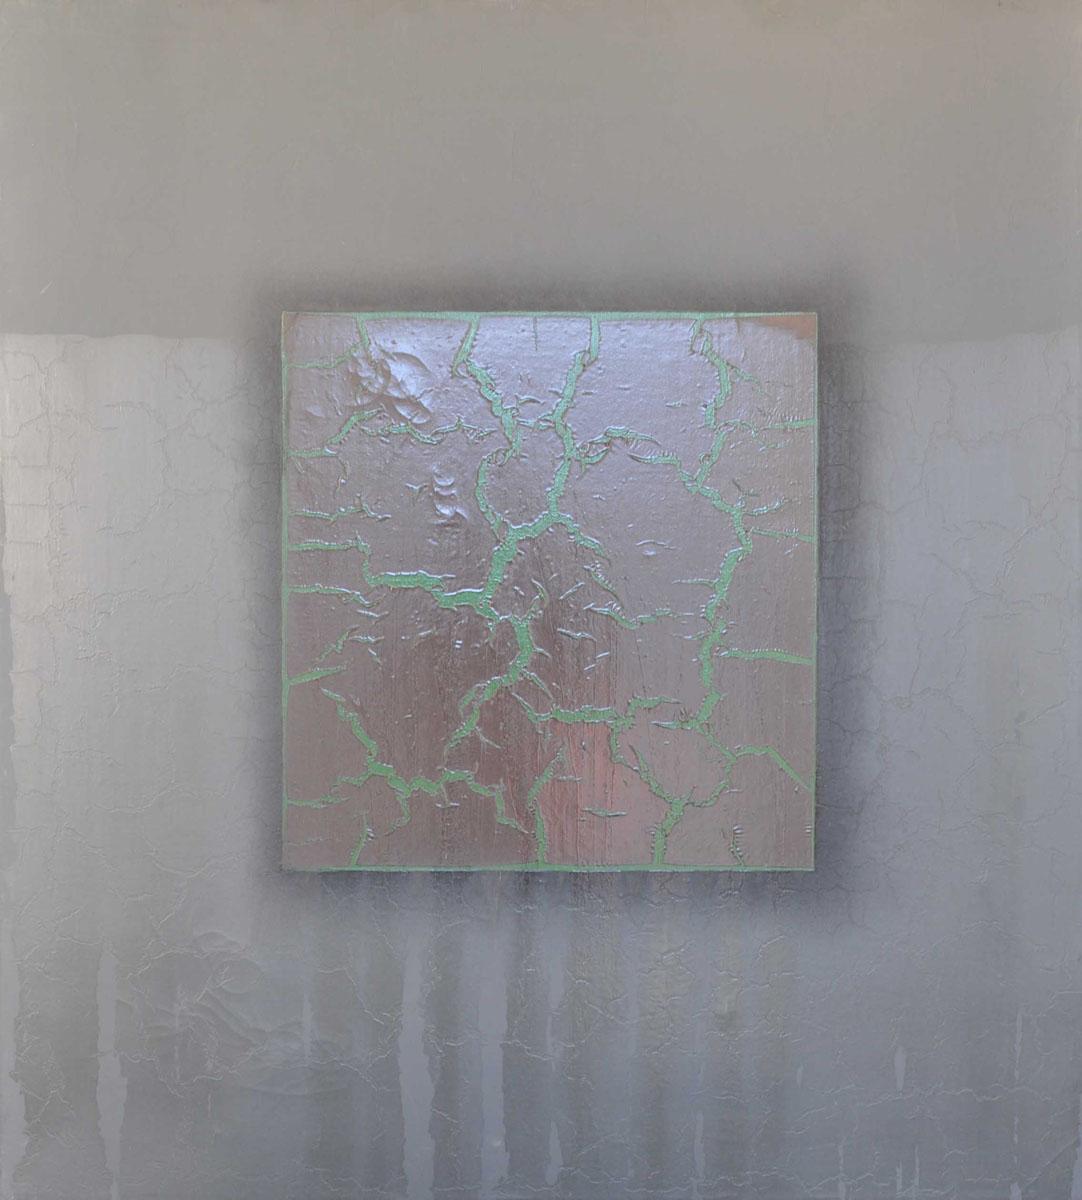 V.F. 1993. 120 x 90. Canvas, acrylic.